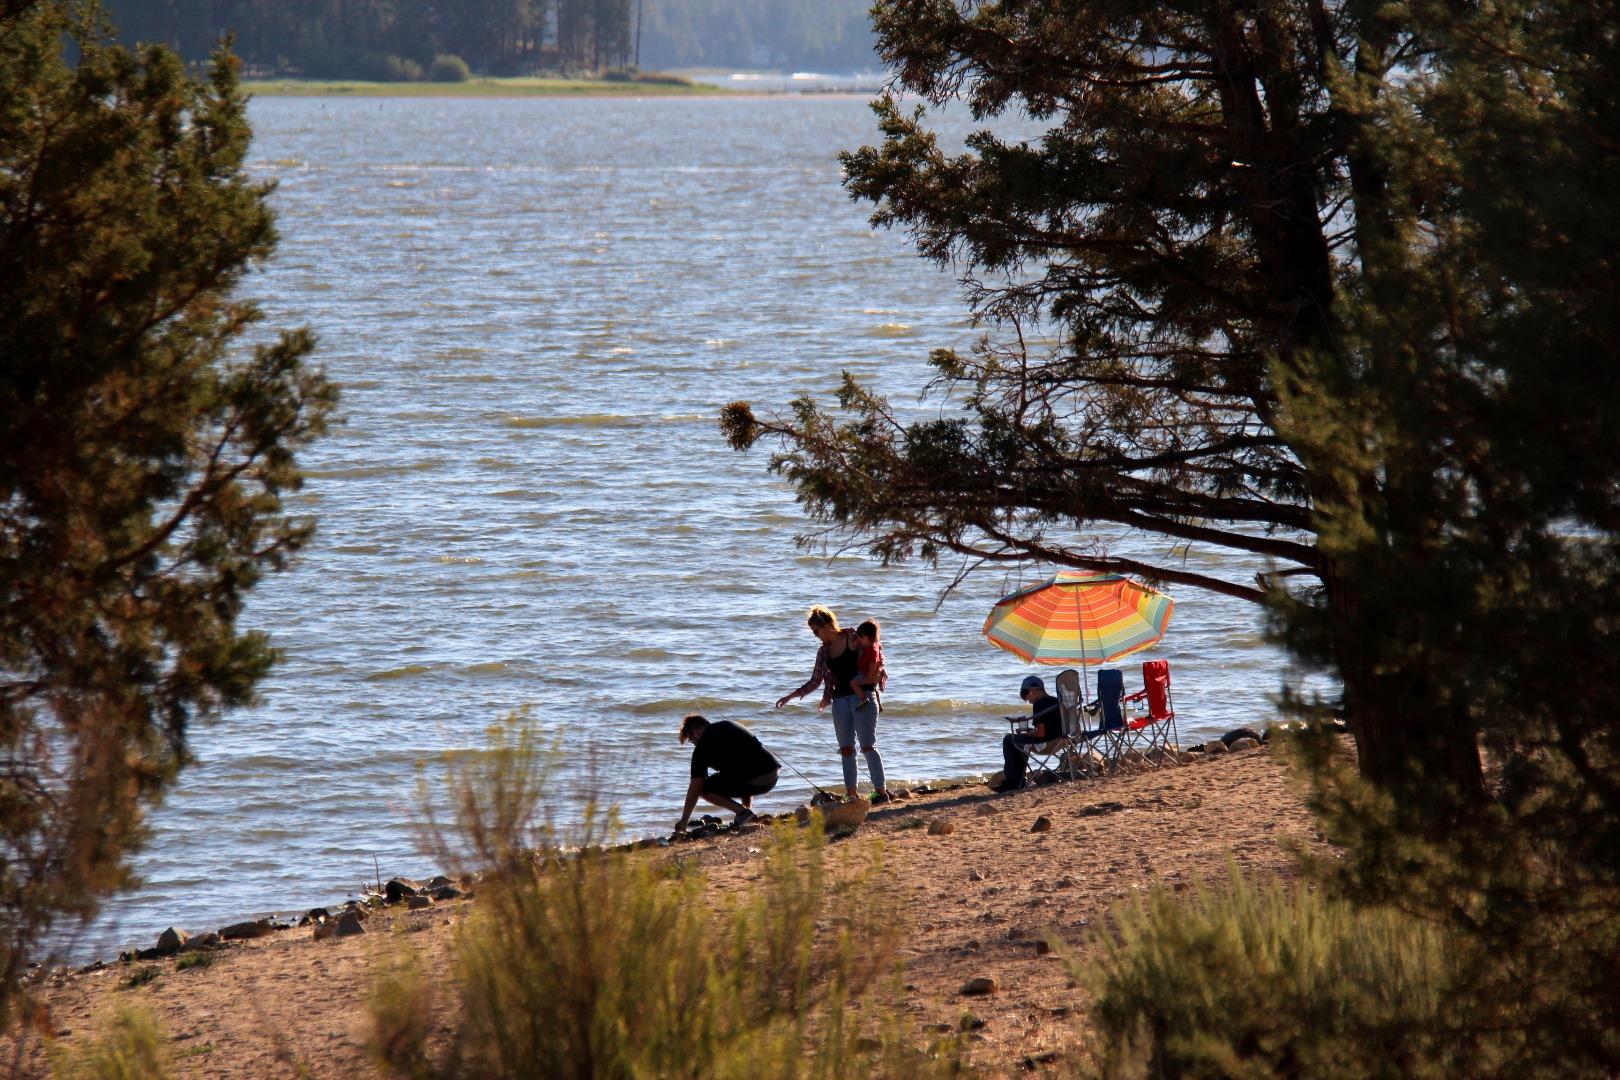 大熊湖有七英里长,一英里宽。常见的活动有钓鱼,游泳,划船,野餐,晒太阳,徒步爬山,骑马骑车骑摩托艇。